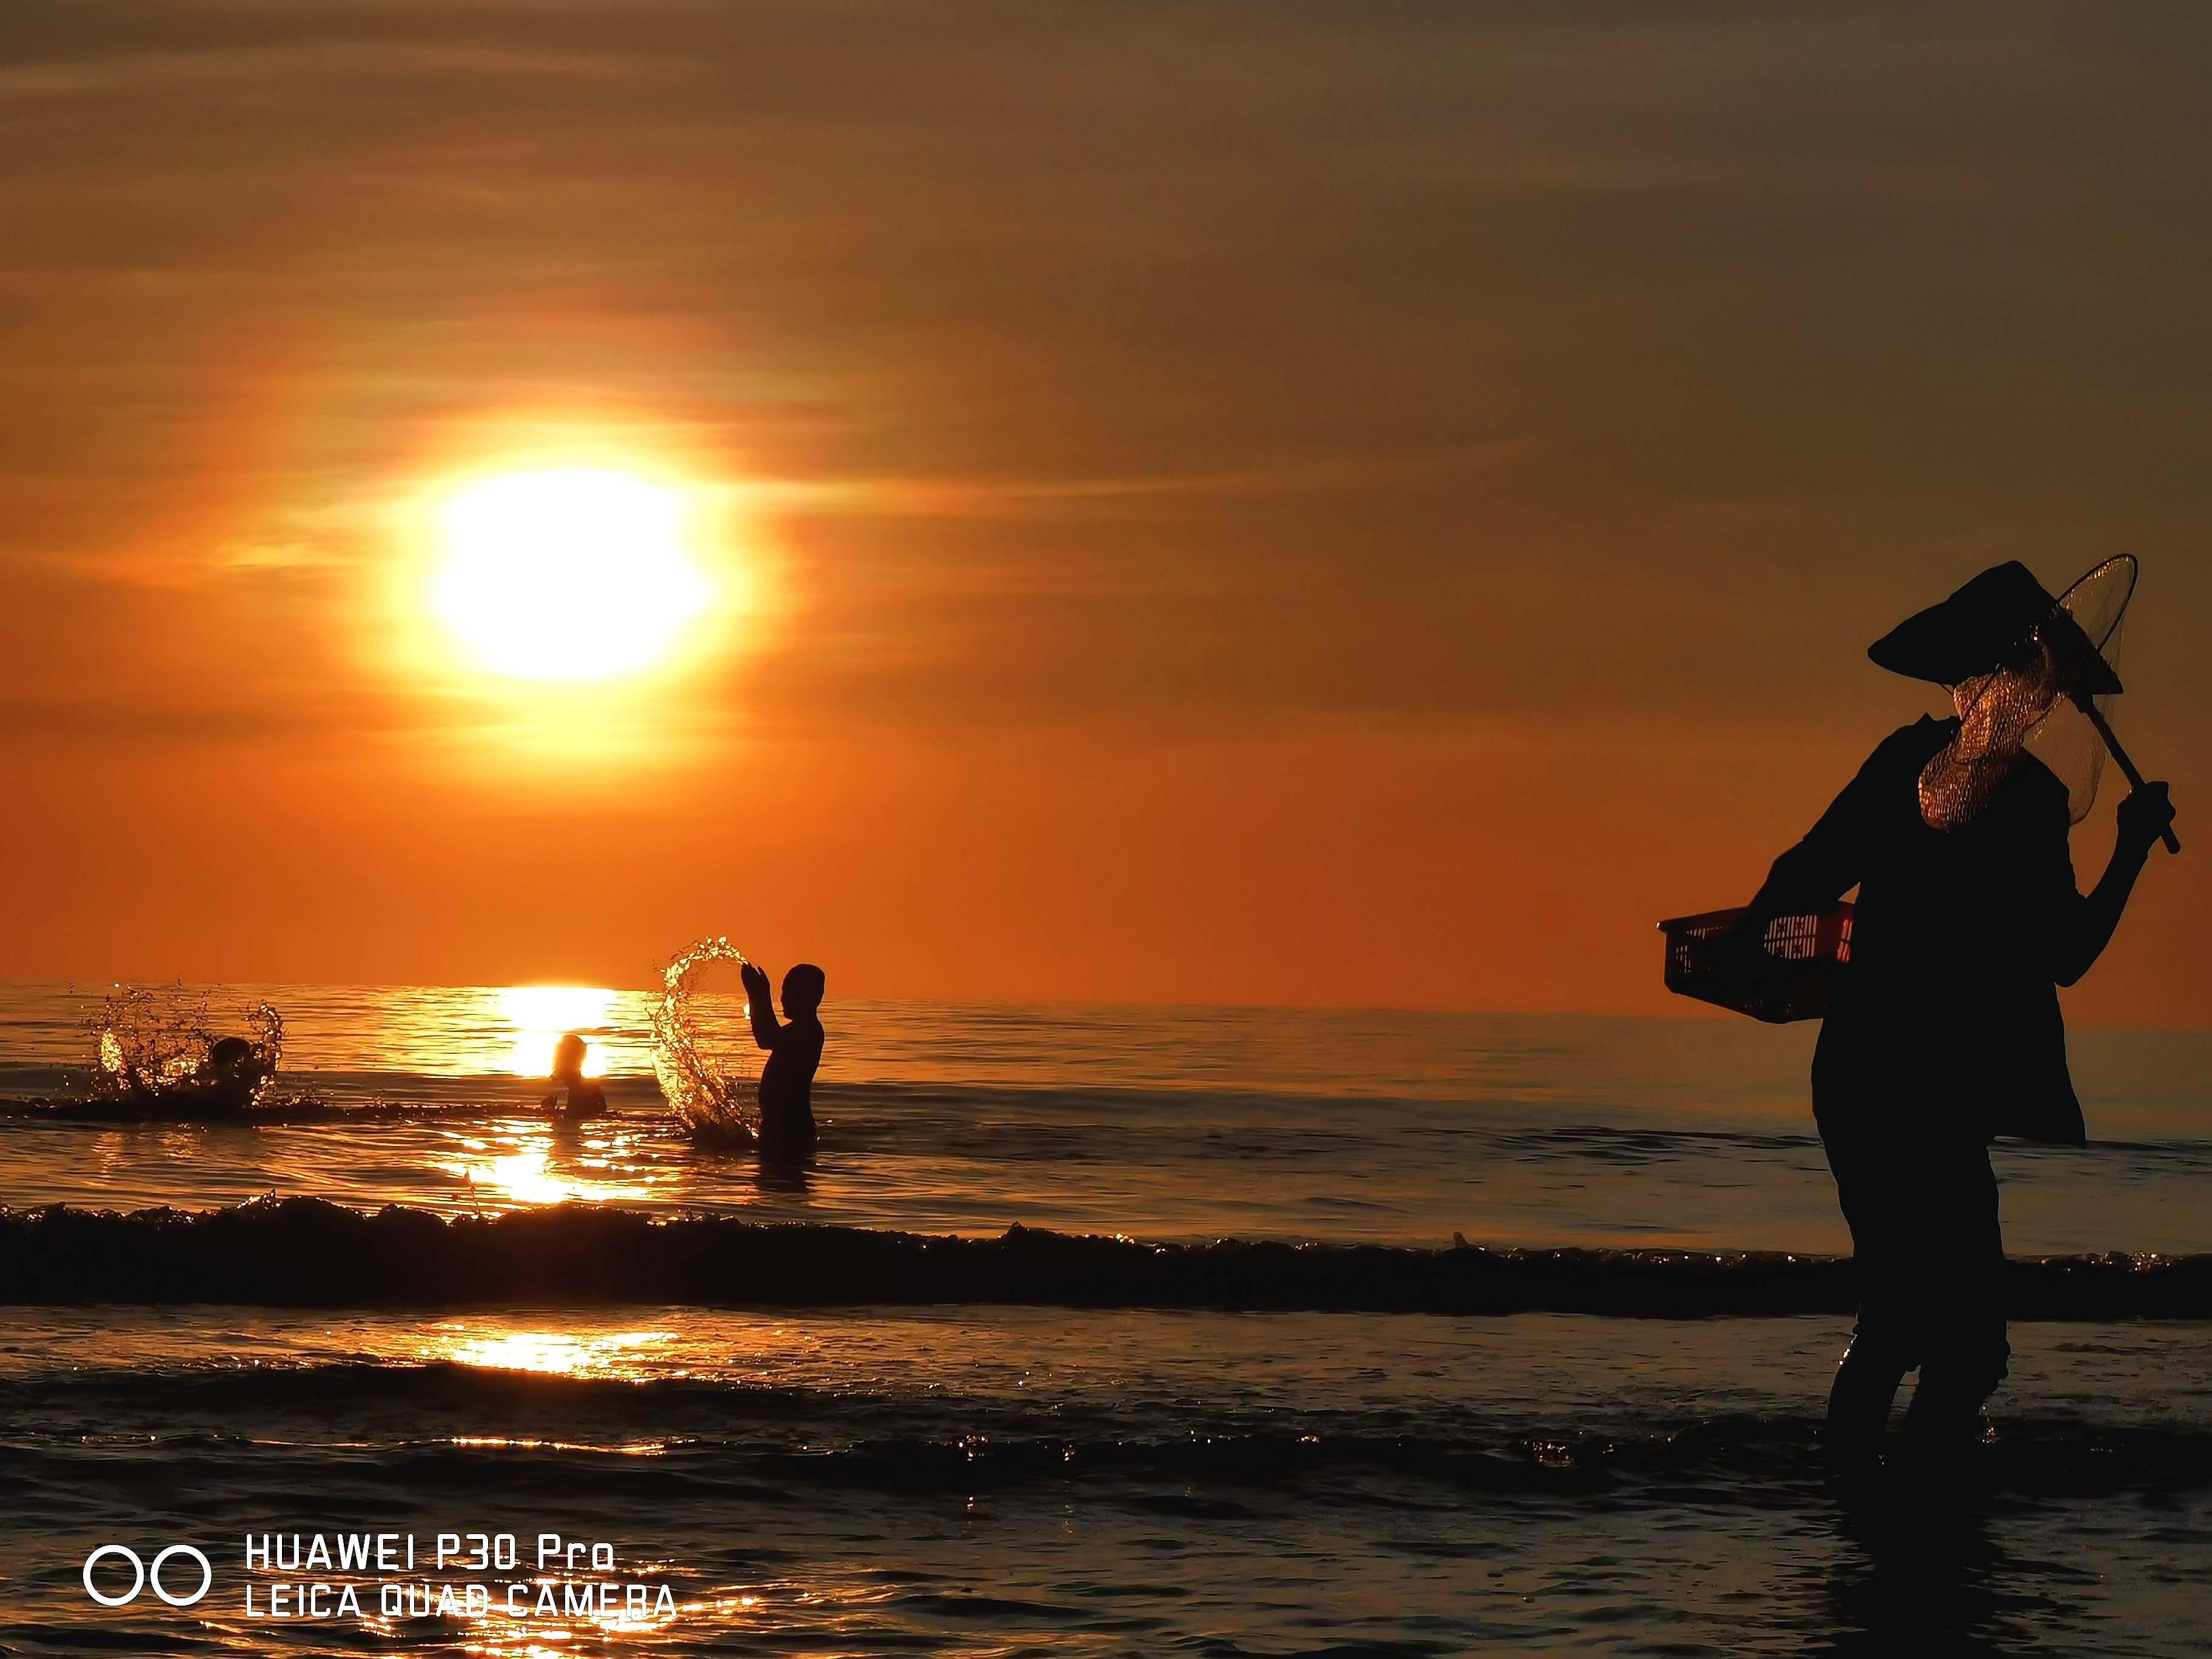 Ninh Binh, Hue sinh dong qua nhung buc hinh biet noi hinh anh 27